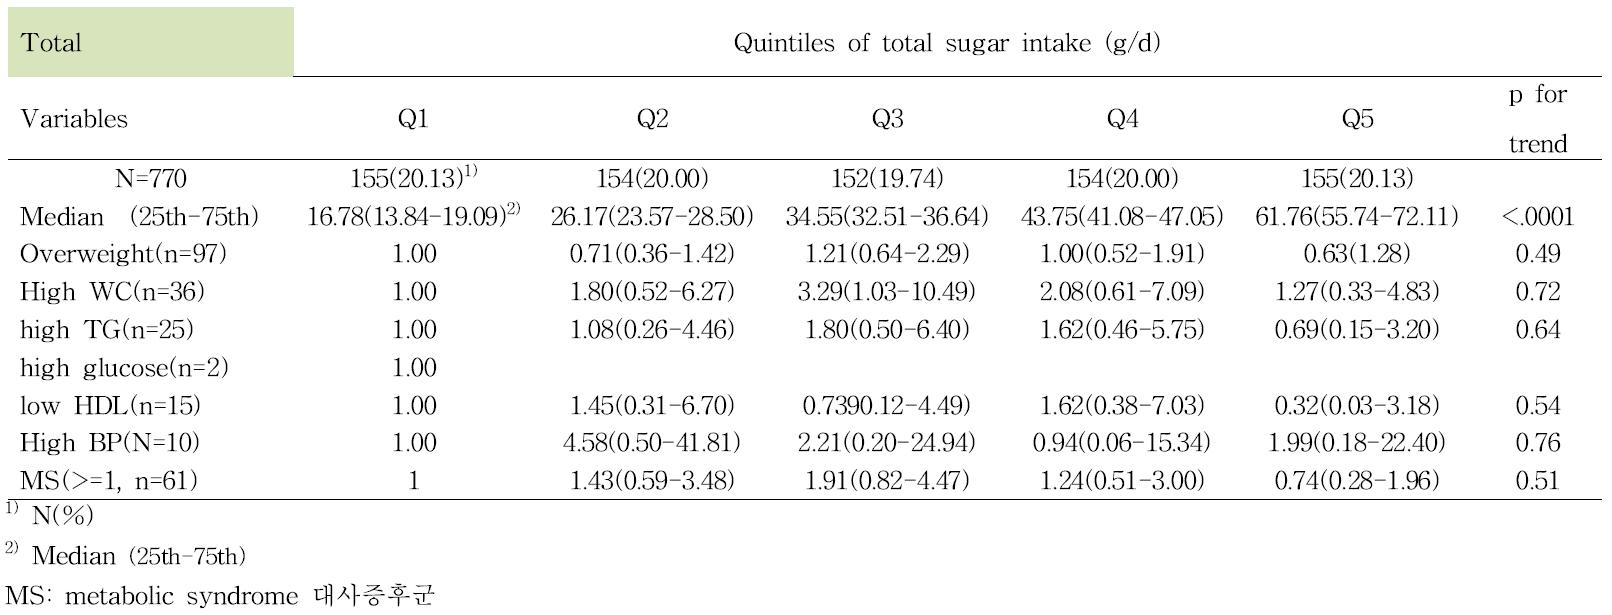 당 섭취 수준에 따른 대사증후군 요인들의 위험도 (성별 보정)